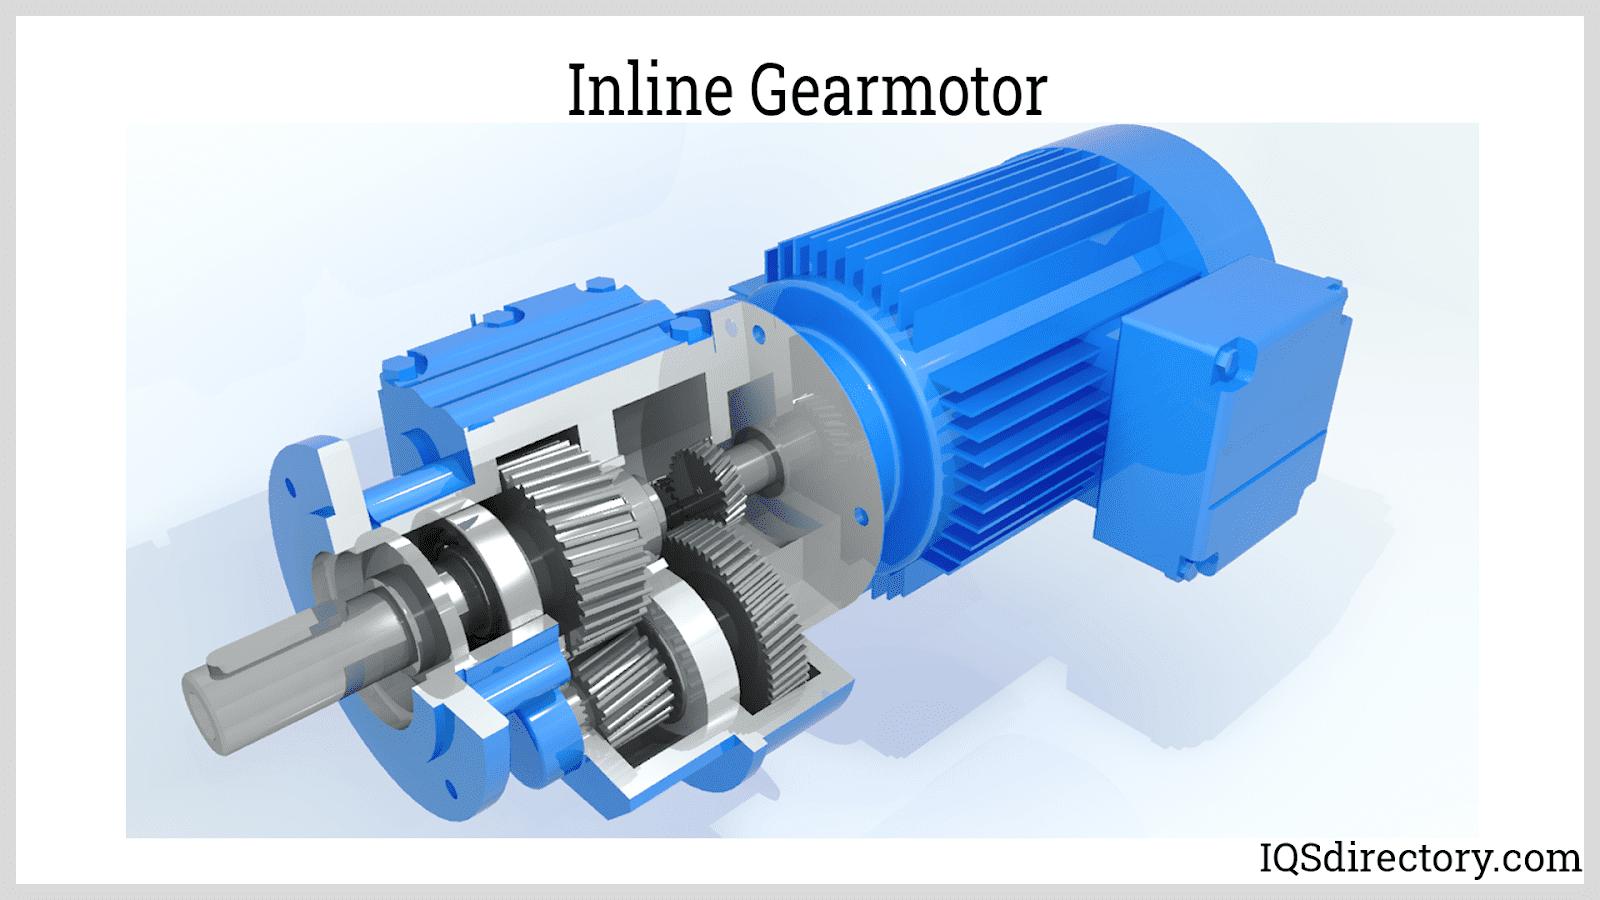 Inline Gearmotor